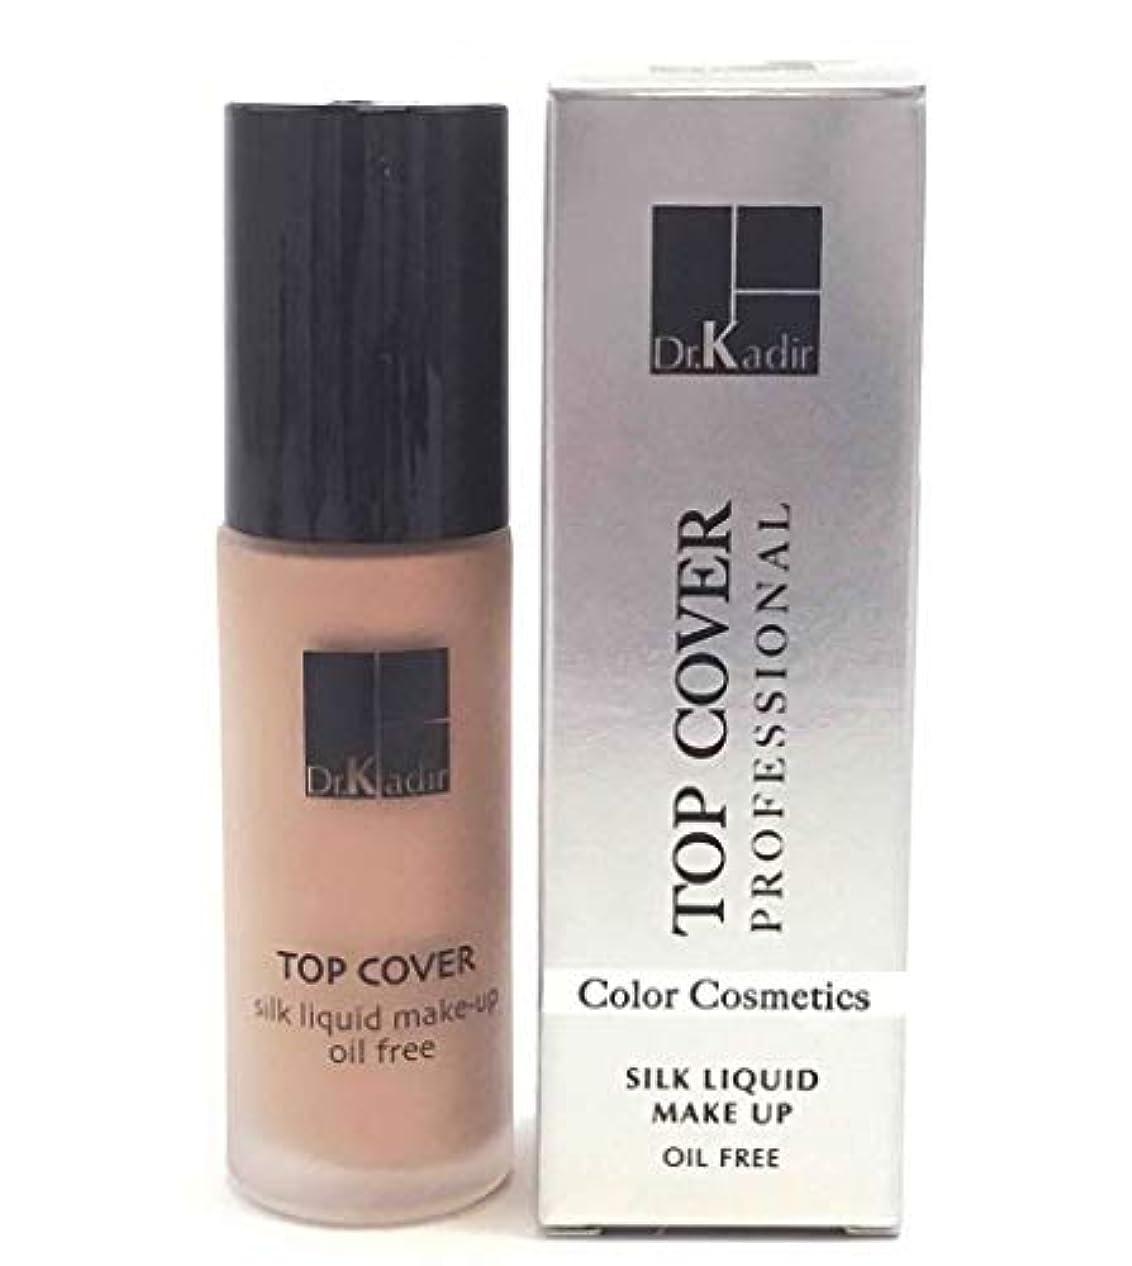 ケーブルカー所得極貧Dr. Kadir Top Cover Silk Liquid Make Up Oil Free 30ml (shade 1)